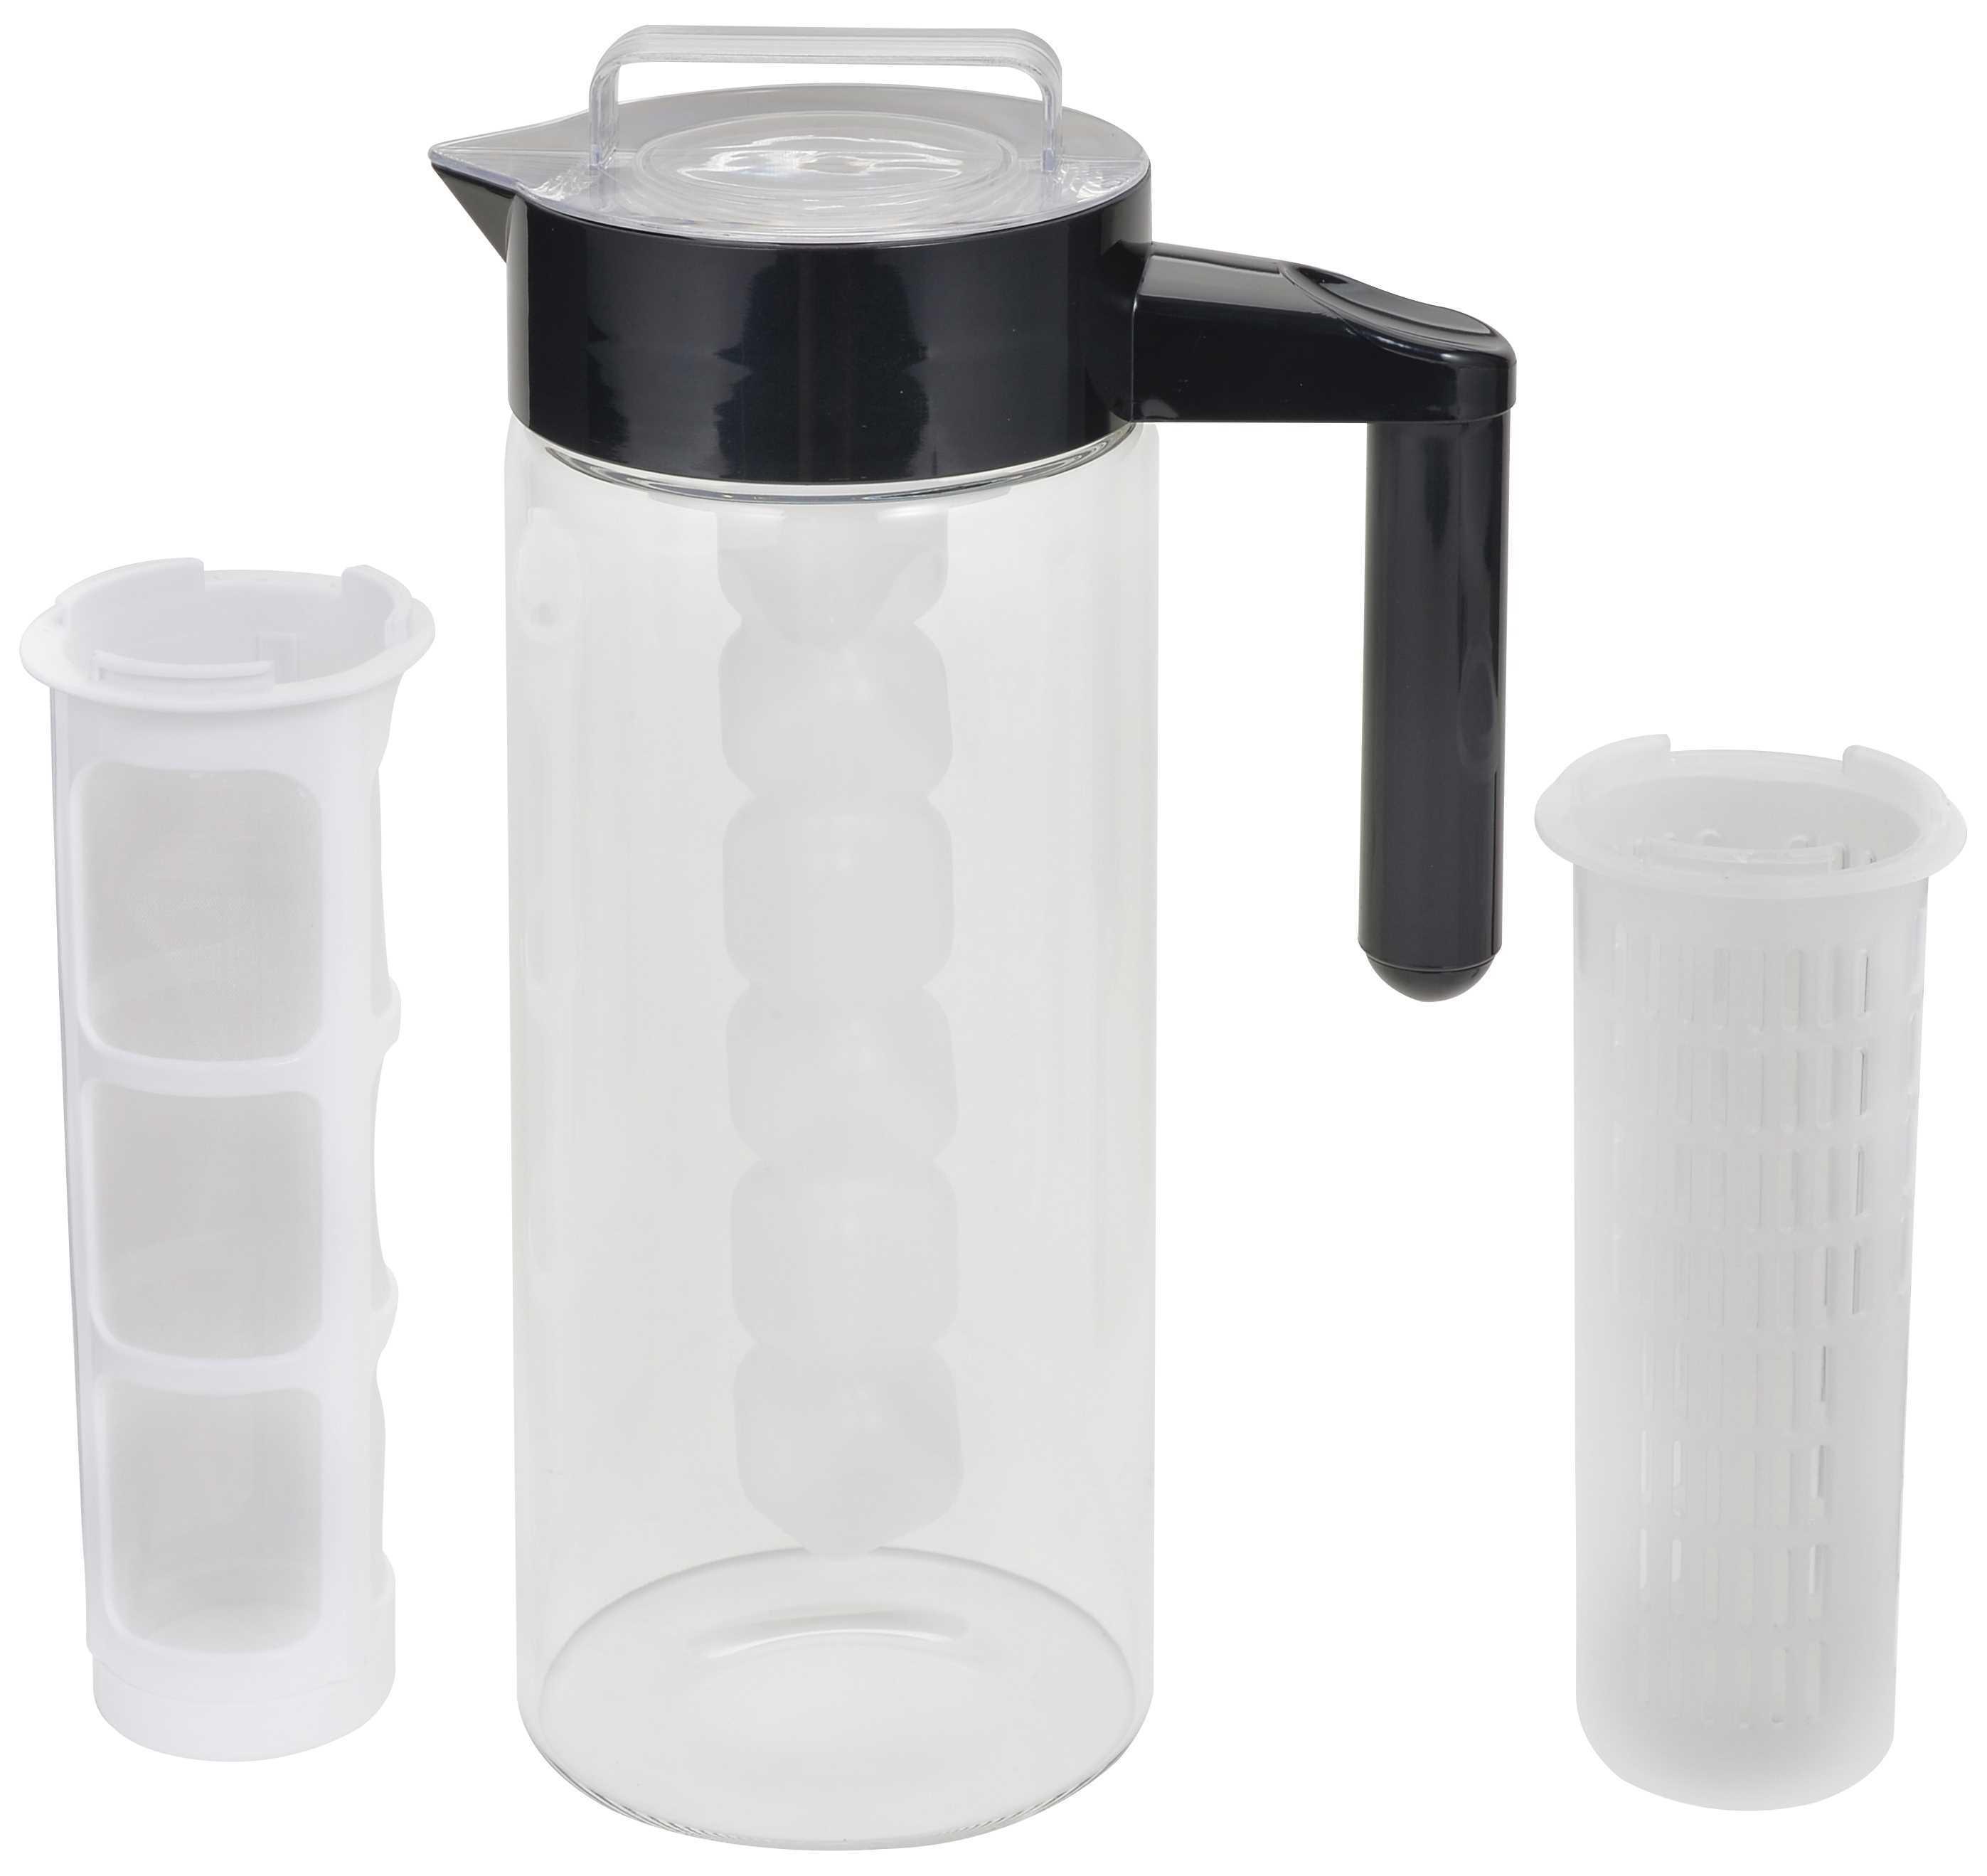 多用途耐熱玻璃冷水瓶1.3公升(黑色)